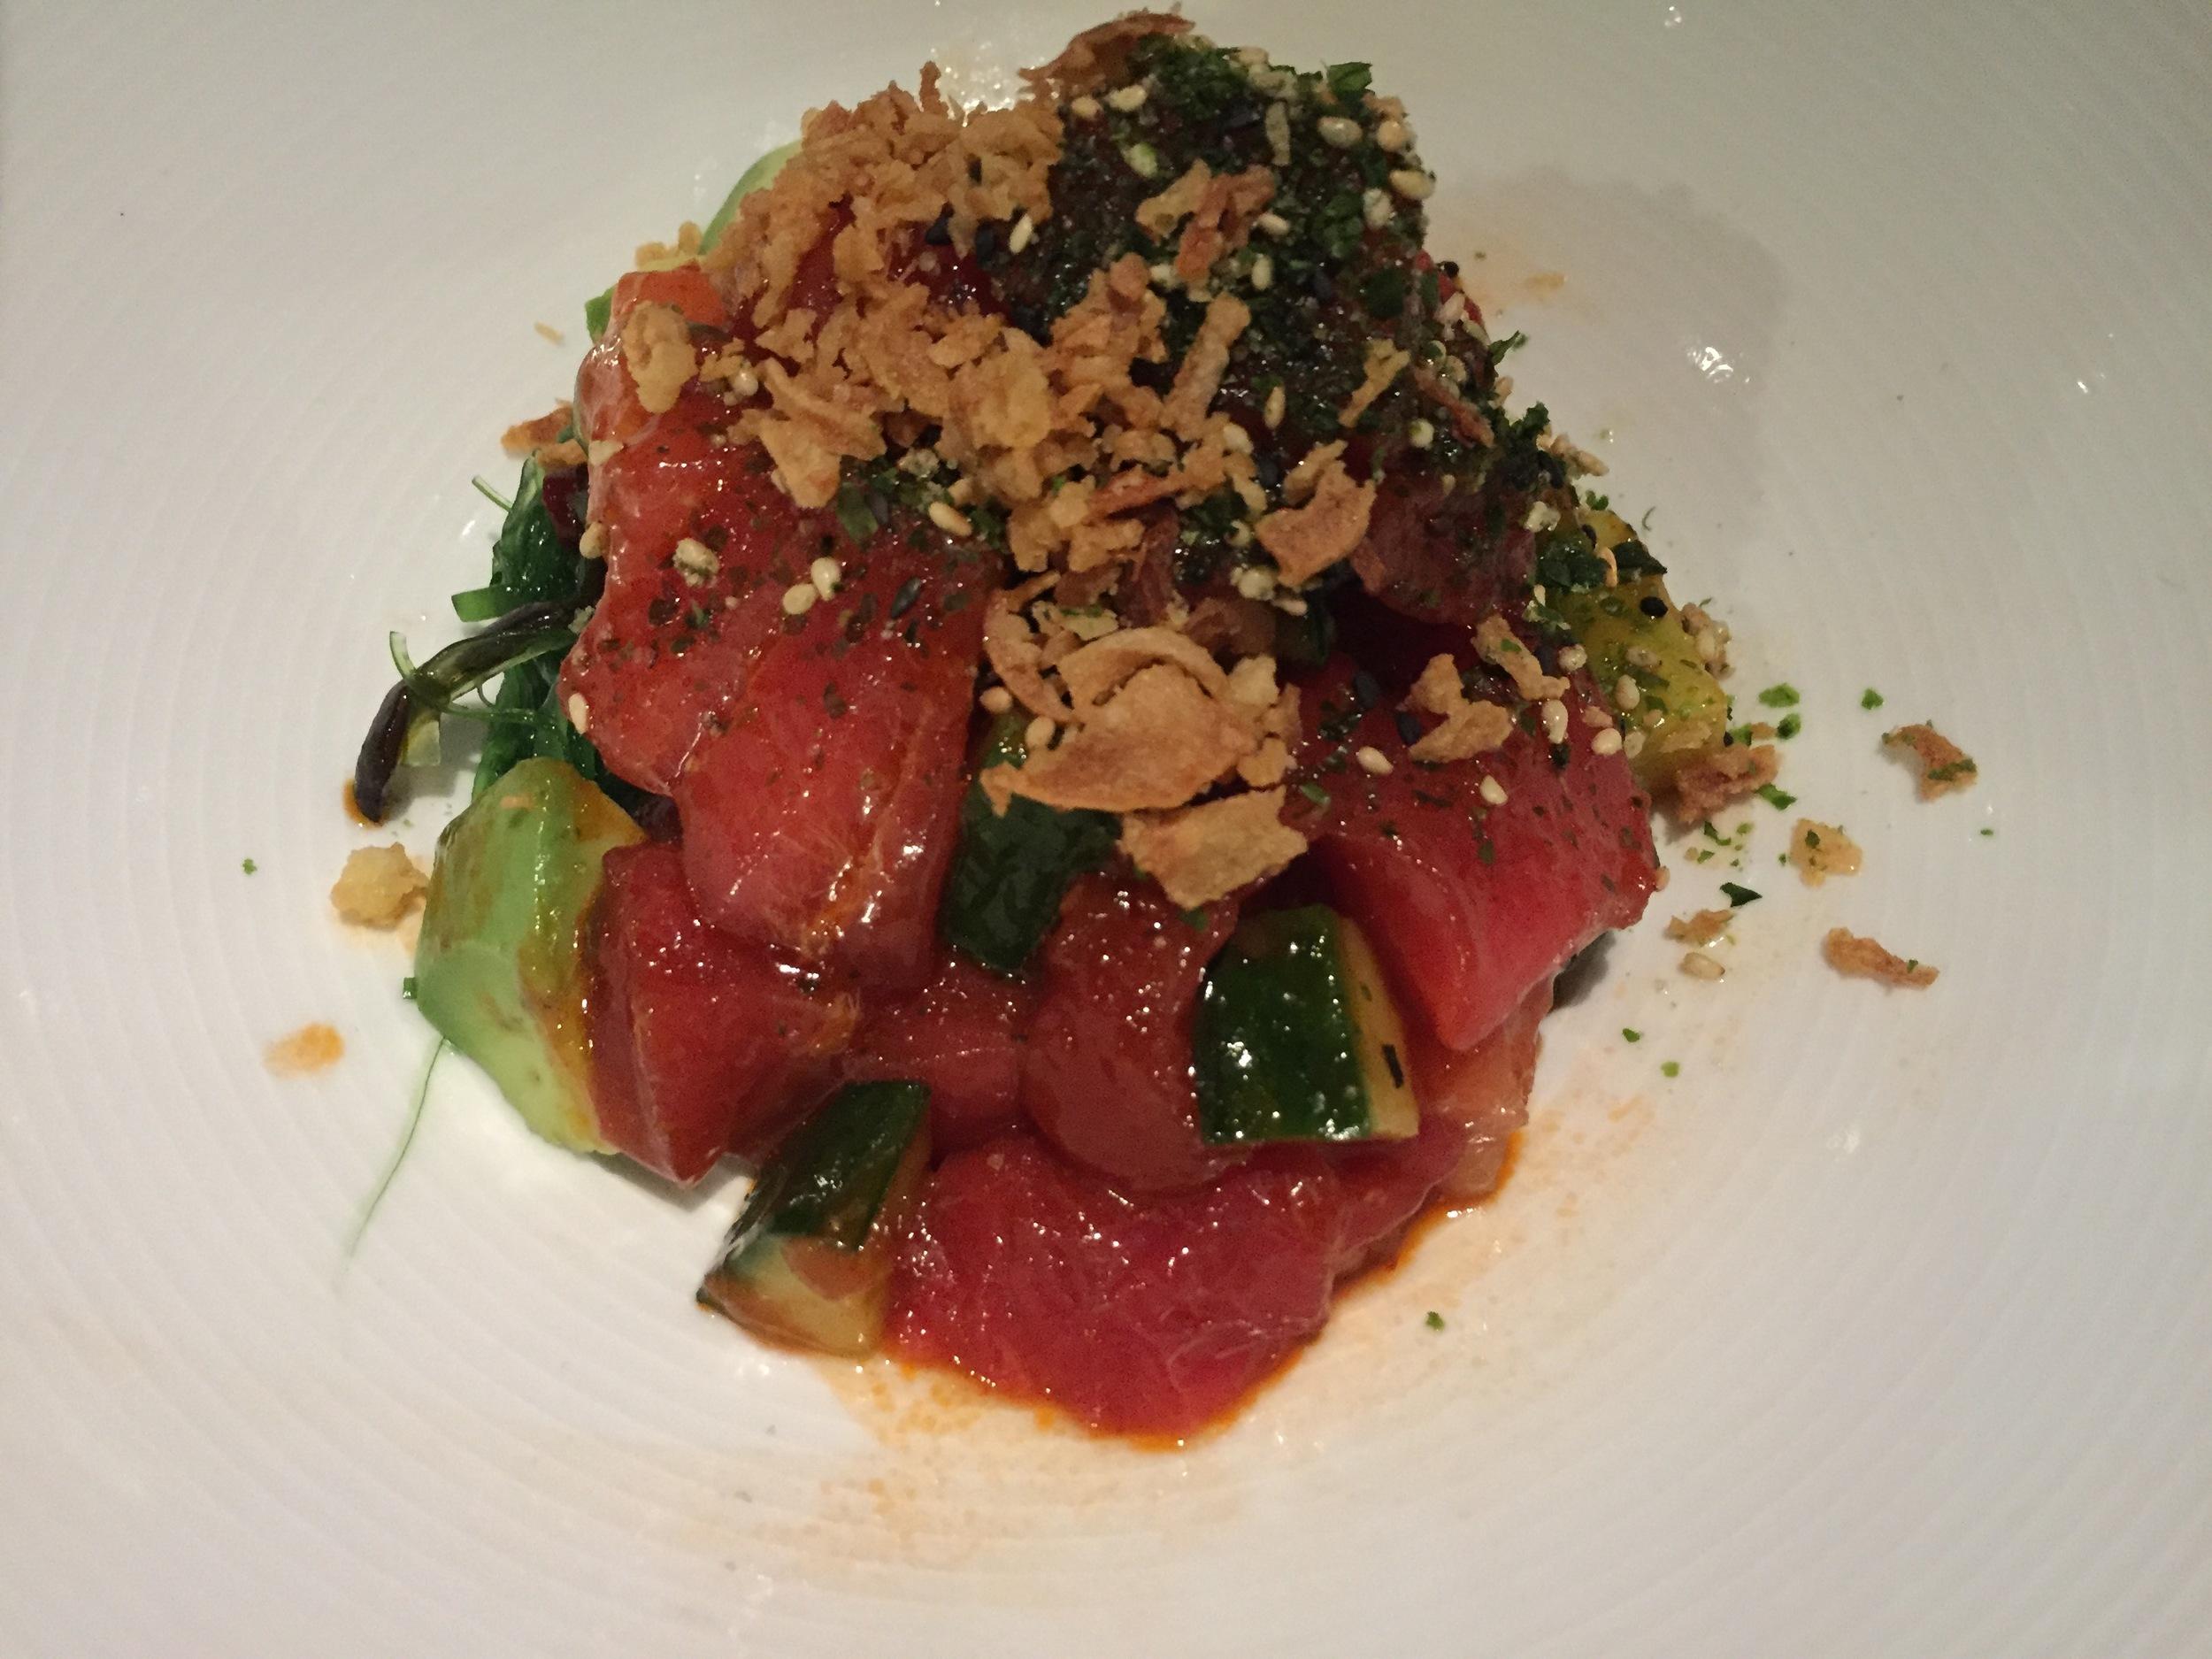 Bluefin tuna poke